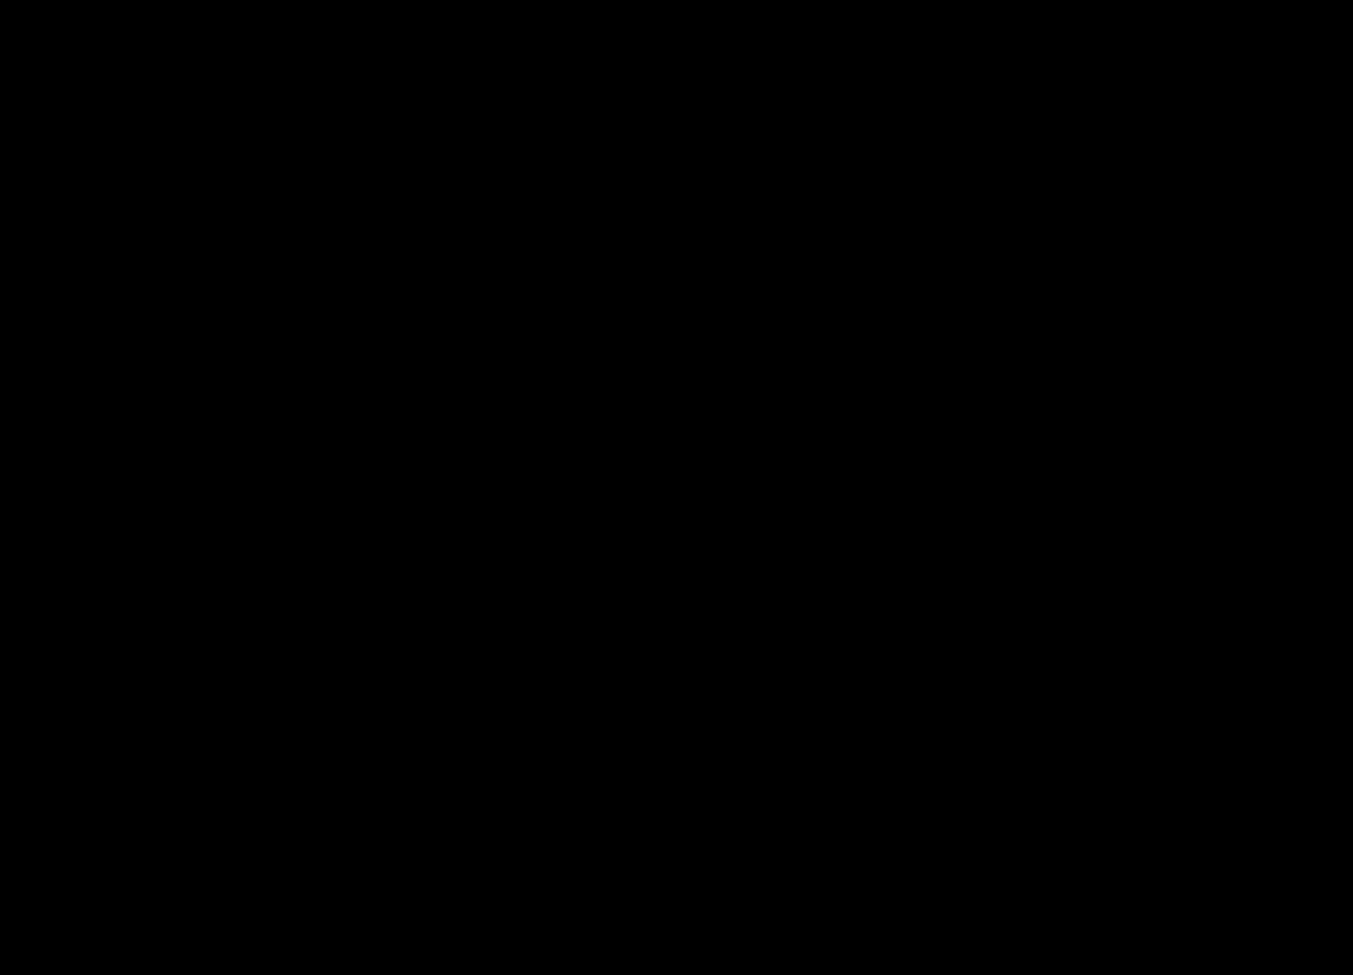 emblema de la cruz png